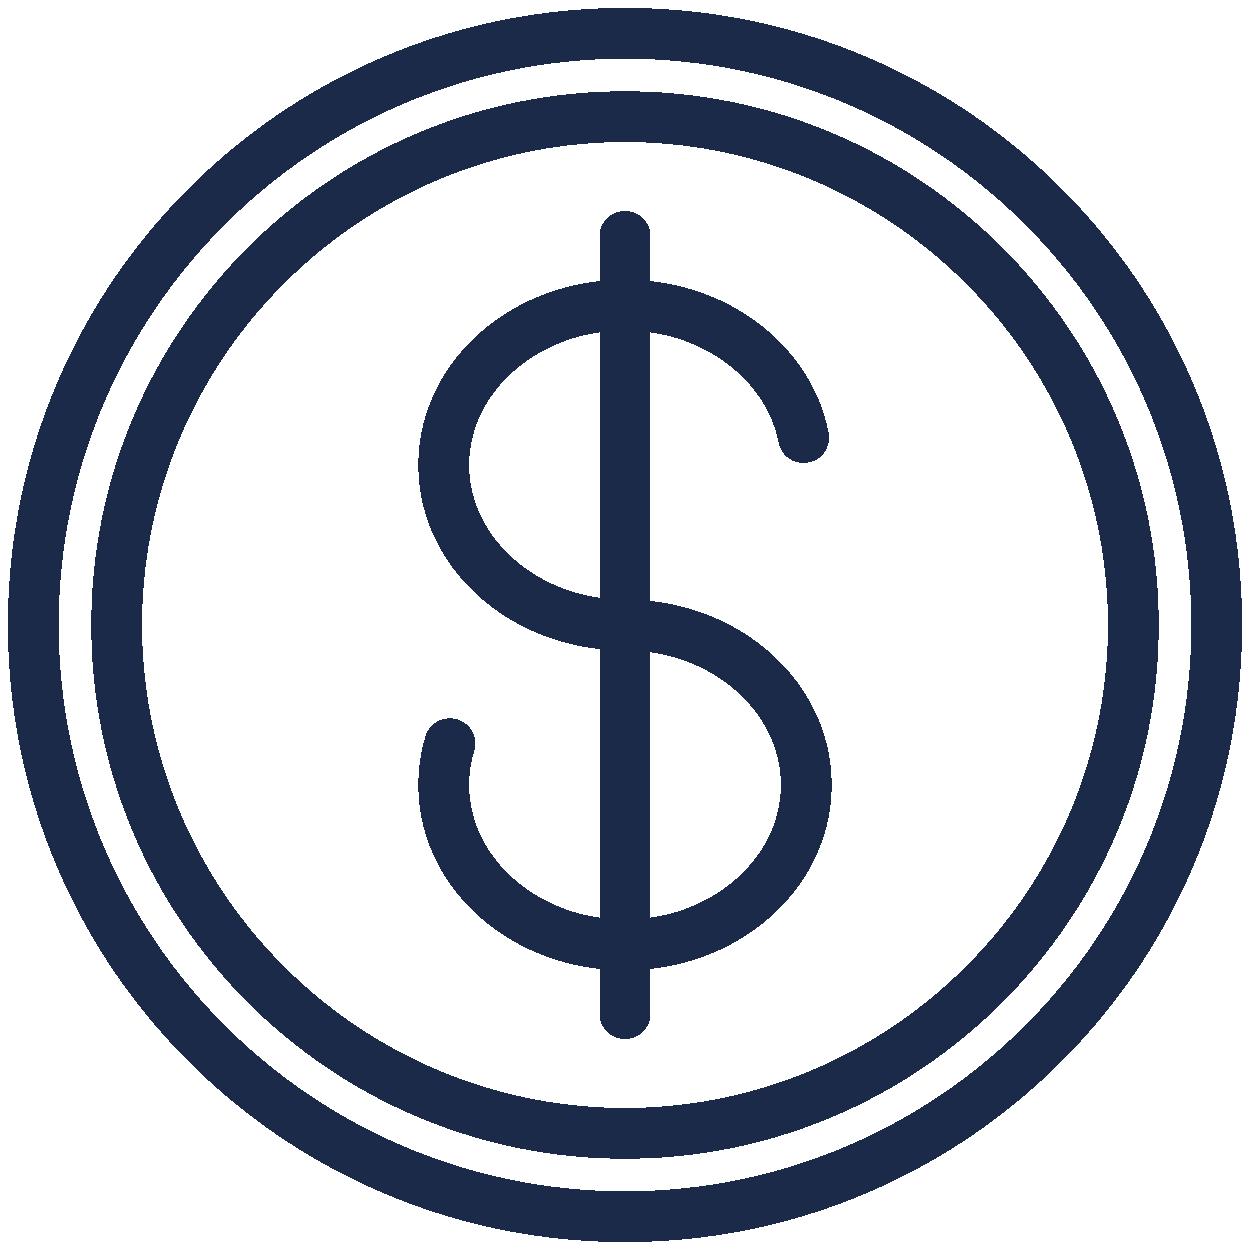 Avgifter icon